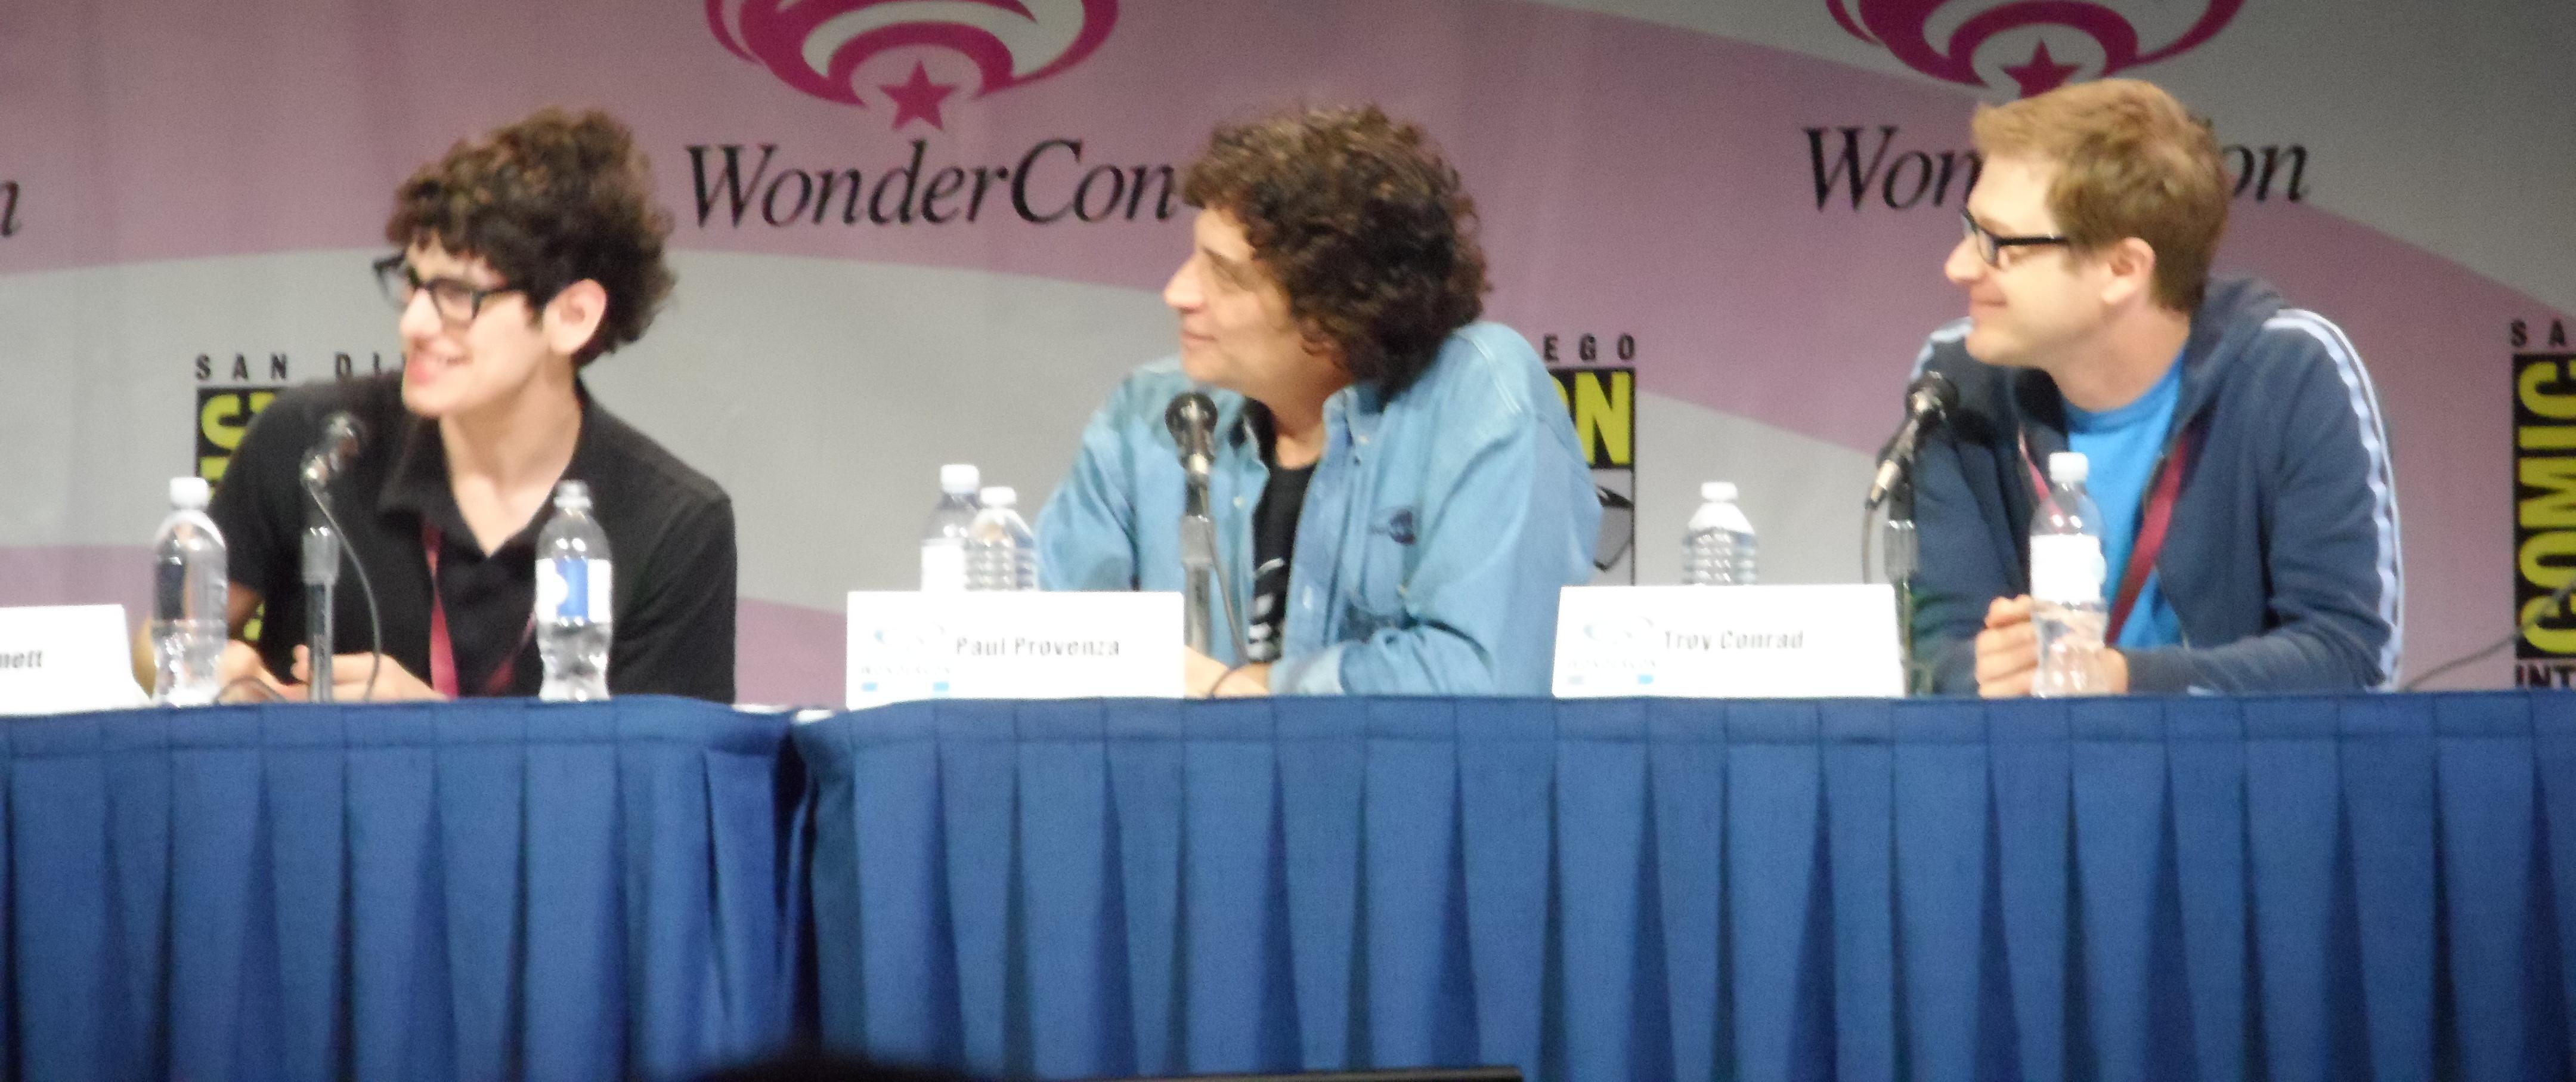 Wondercon Anaheim 2013, The Nerdist, Matt Bennett, Paul Provenza, Troy Conrad